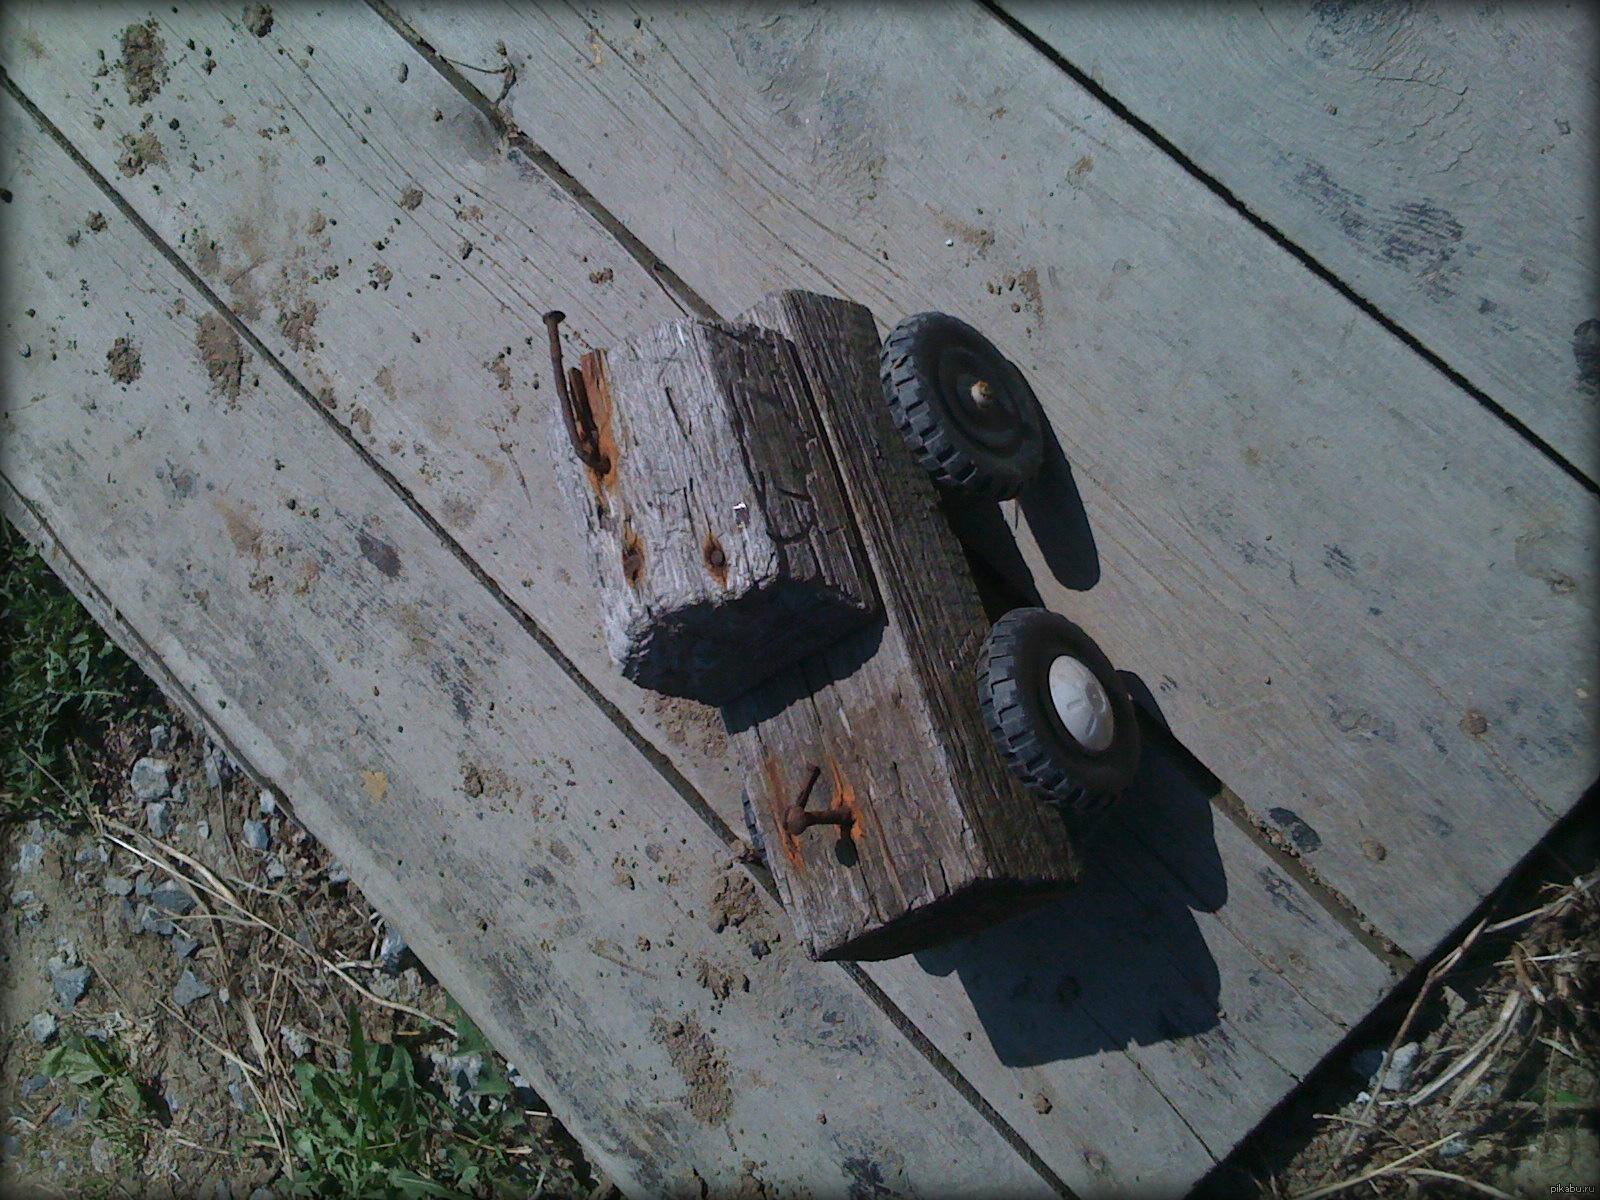 Прибивание гвоздей в сиськи, Бдсм гвоздями прибили сиськи - видео Последние 26 фотография